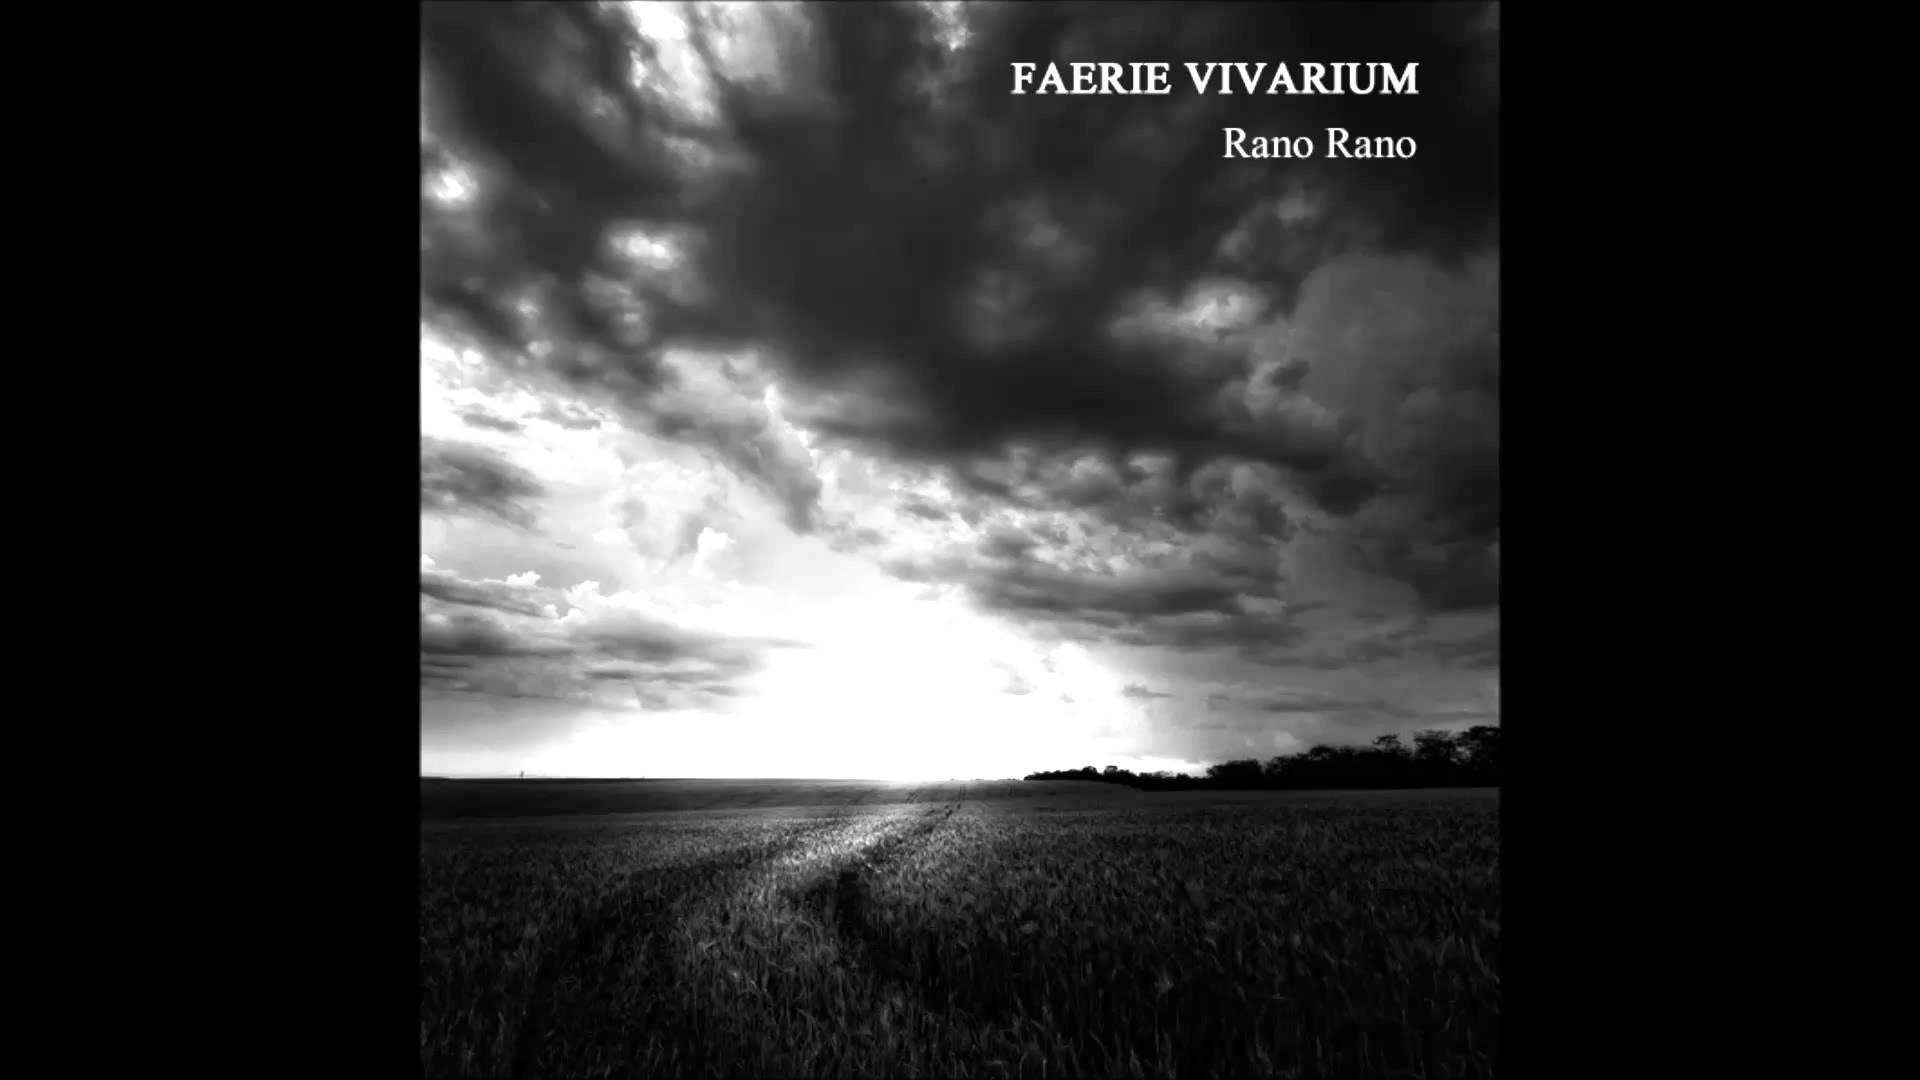 Faerie vivaerium